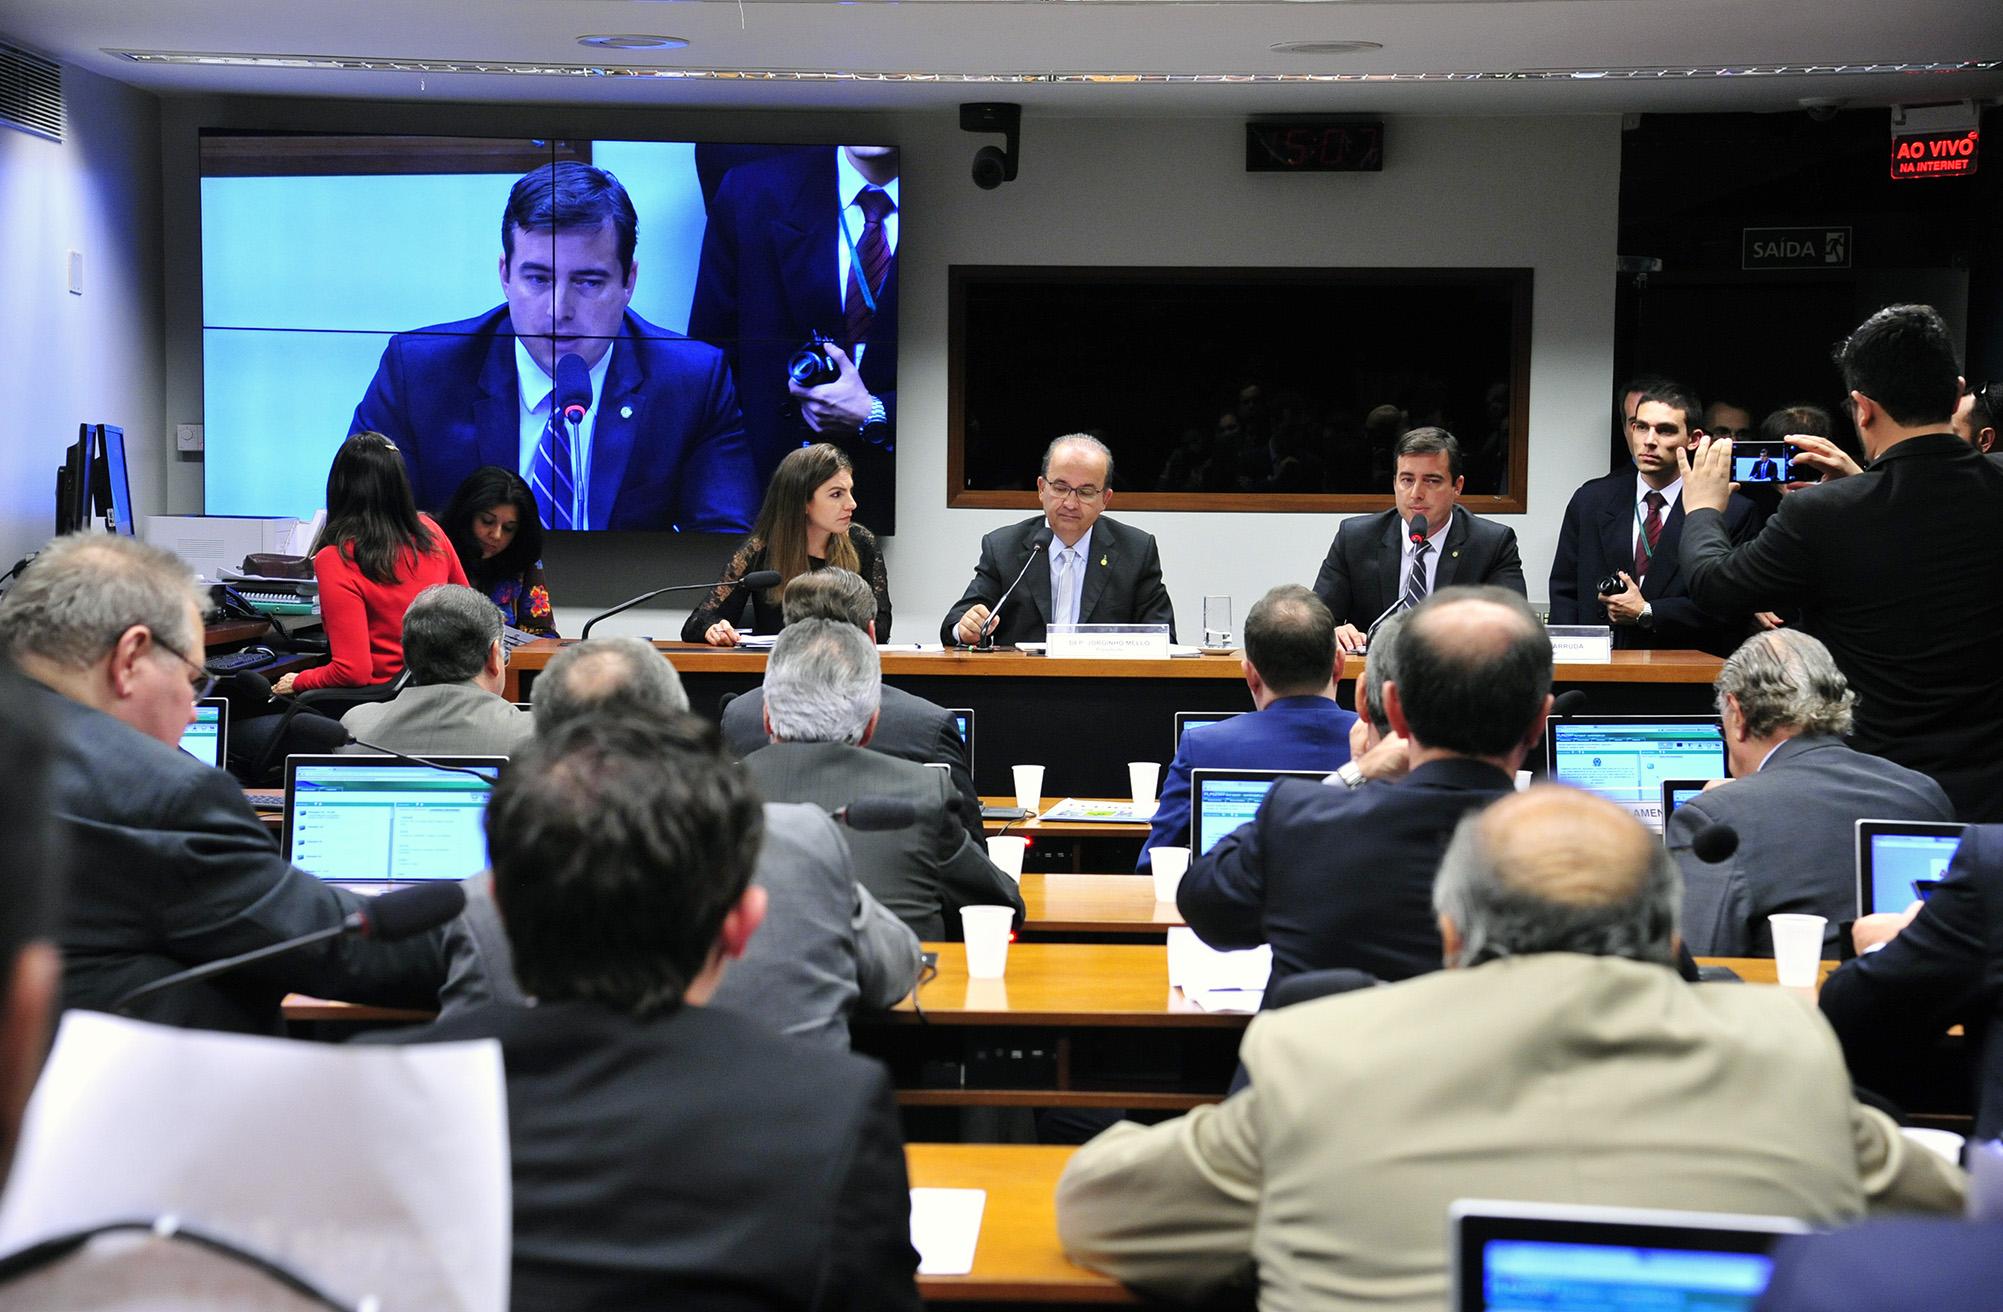 Parecer do deputado João Arruda em favor das microcervejarias foi aprovado em comissão em 1º de julho (Foto: Gabriela Korossy/Câmara dos Deputados)